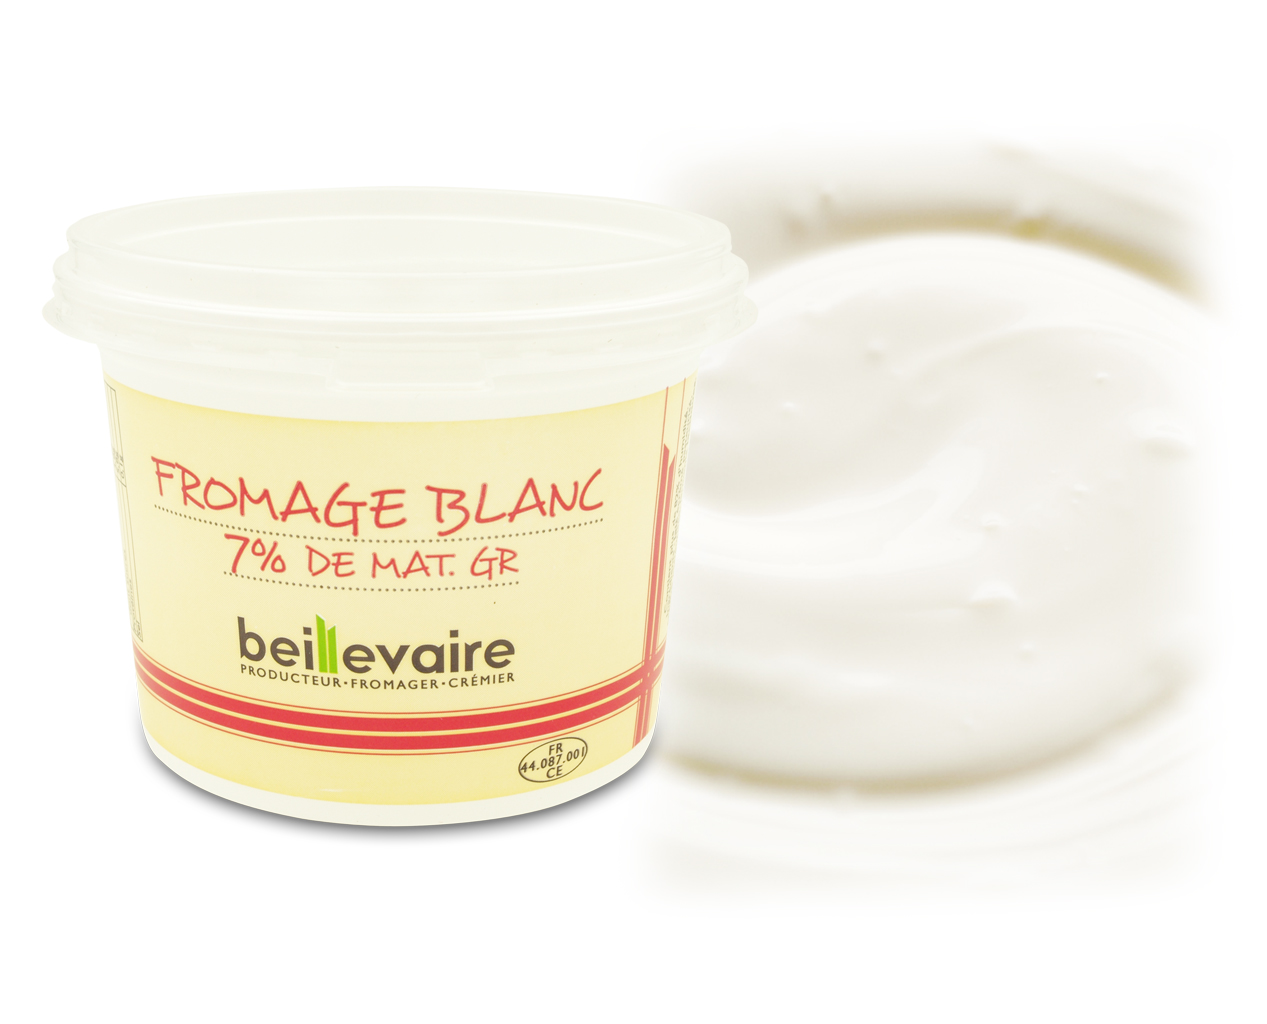 Fromage blanc 7%, Beillevaire (500 g)